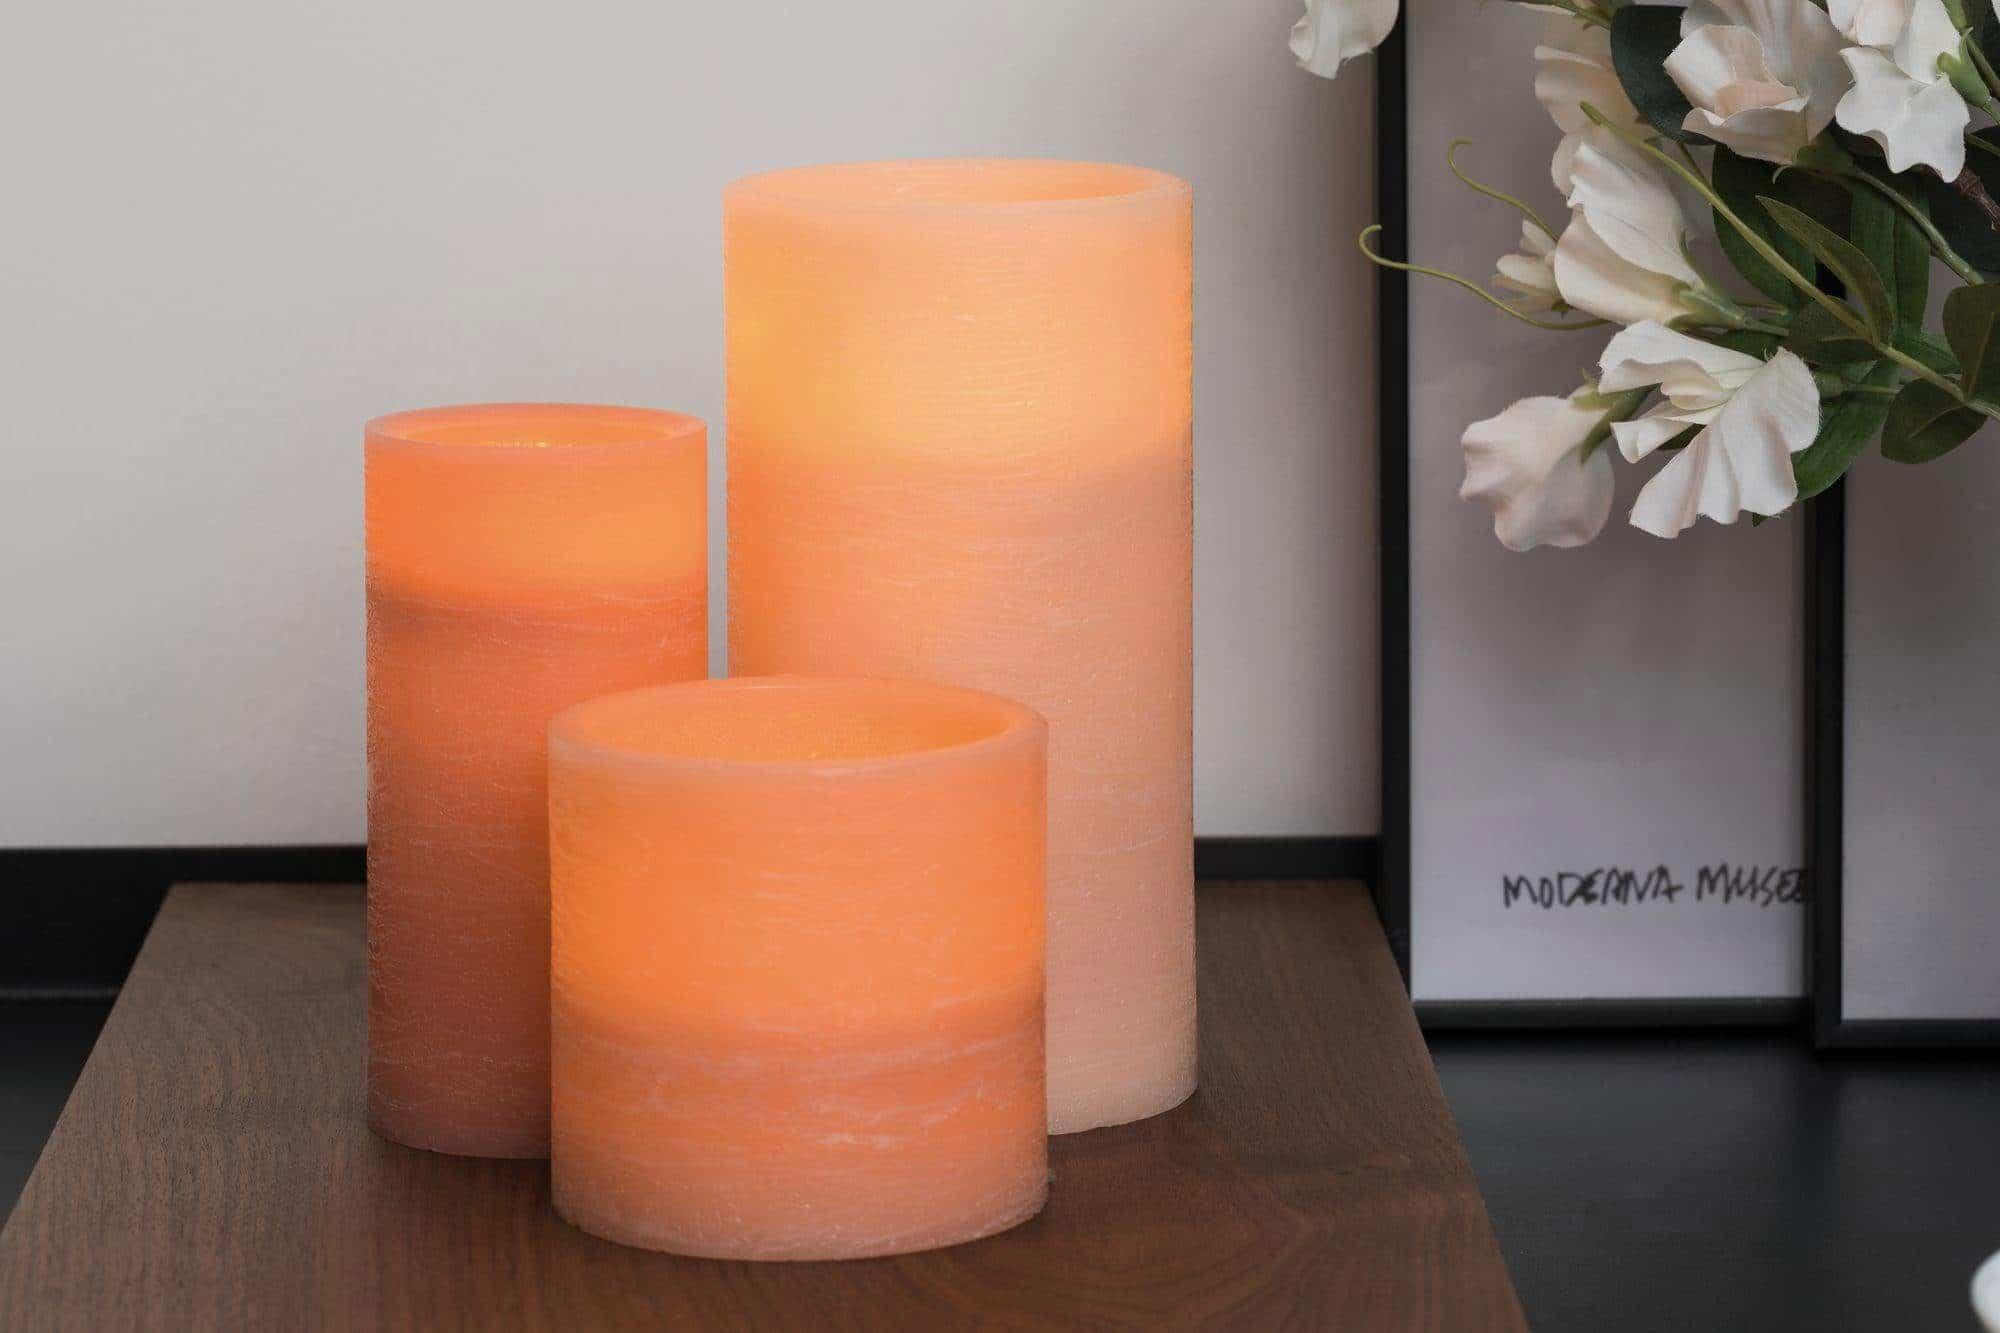 Geschenk für eine ältere Großmutter - LED Kerzen